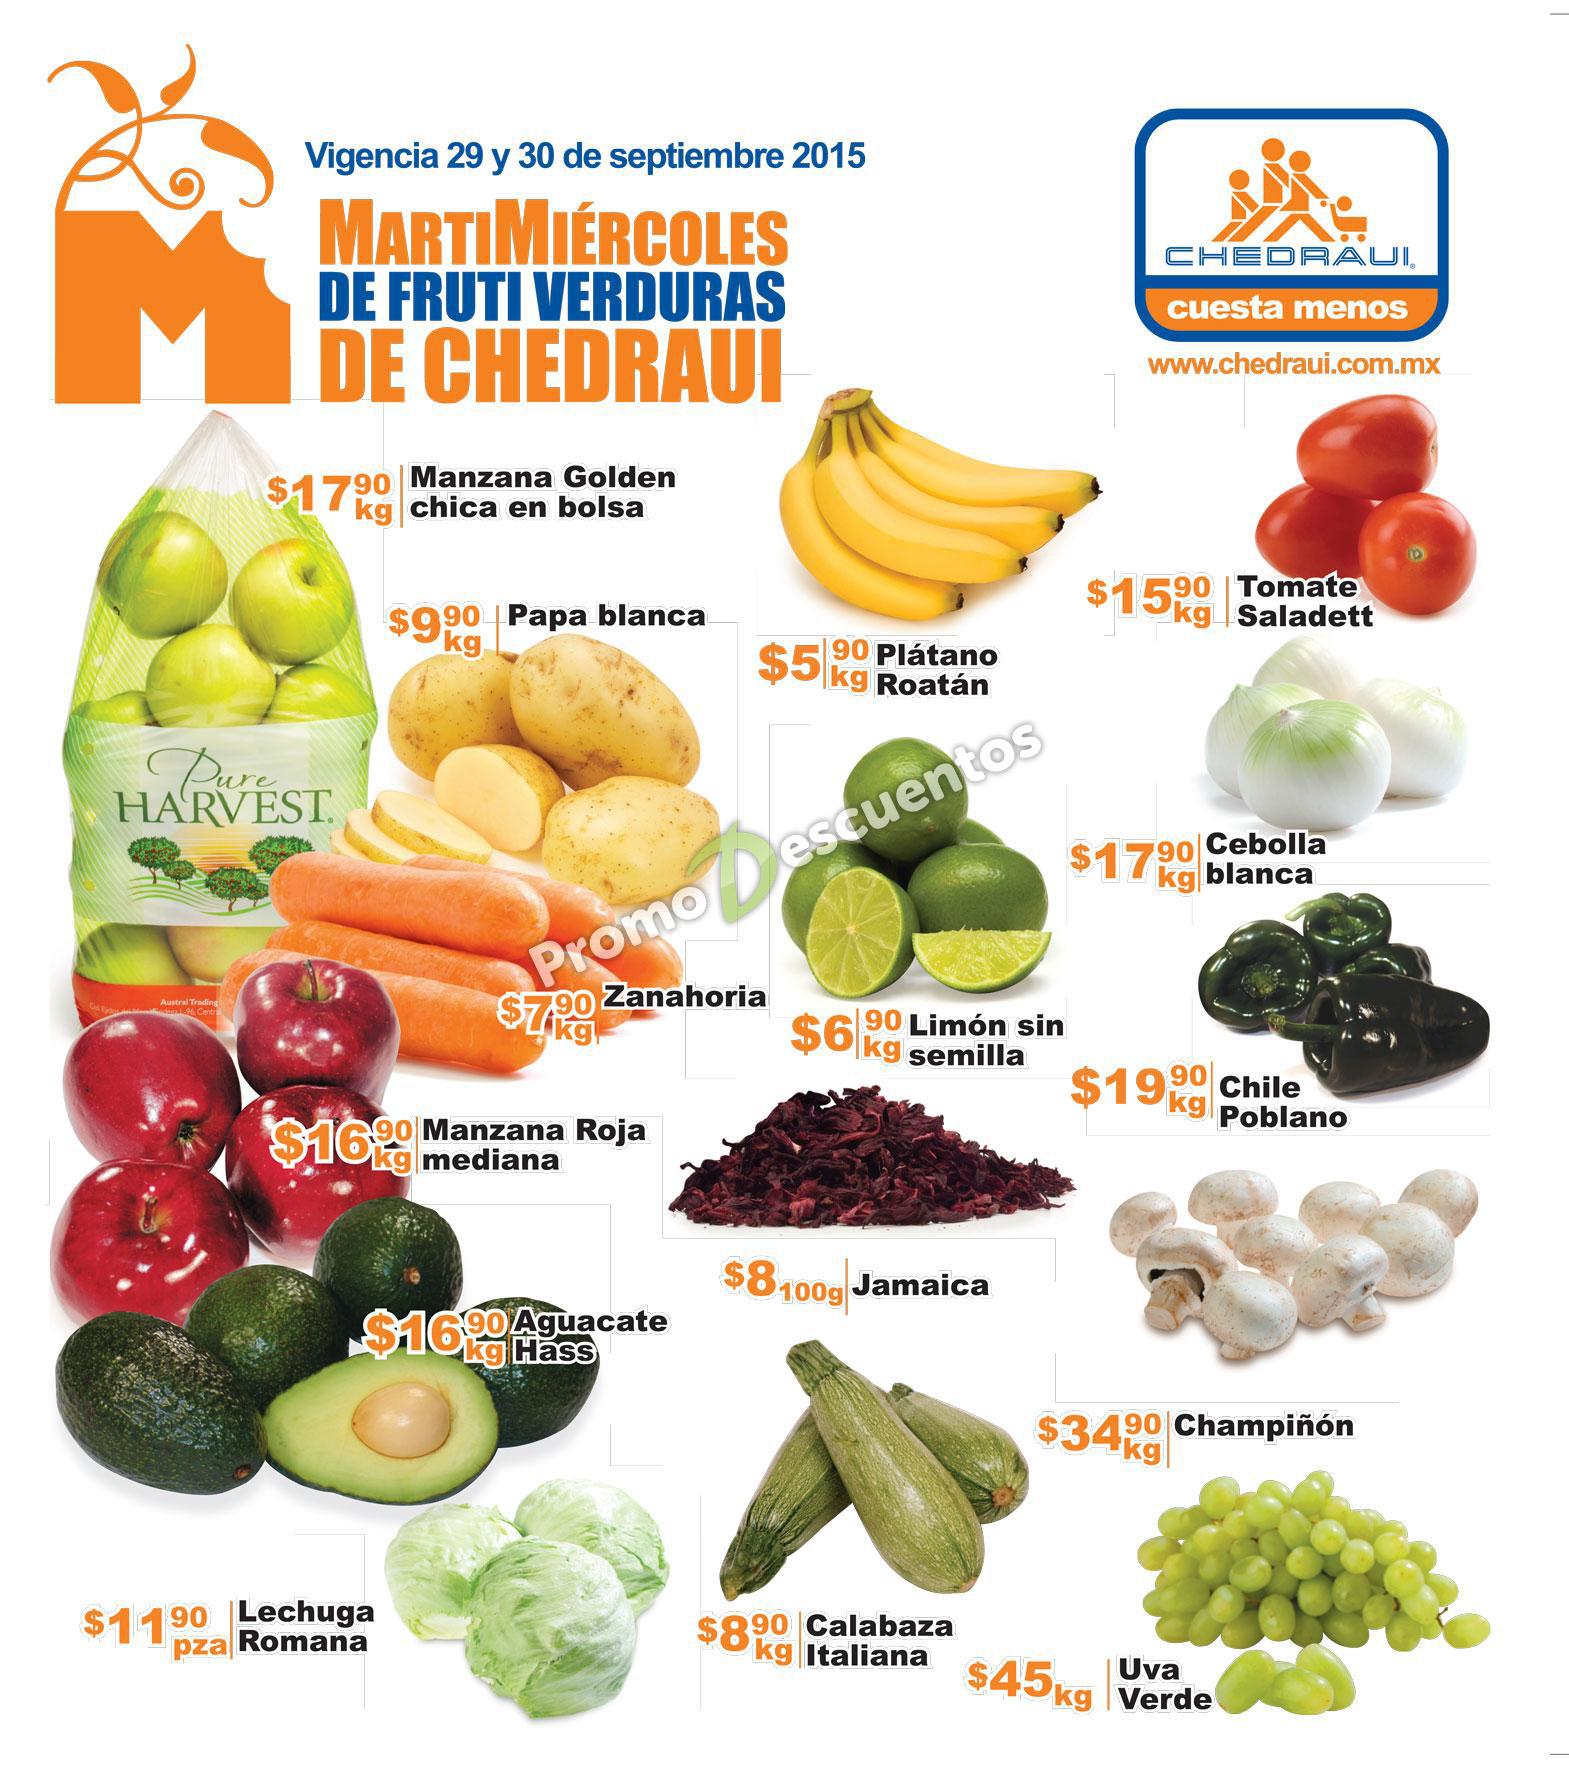 Martimiércoles en Chedraui 29 y 30 de septiembre (incluye bonificación en toda la tienda con Banorte)